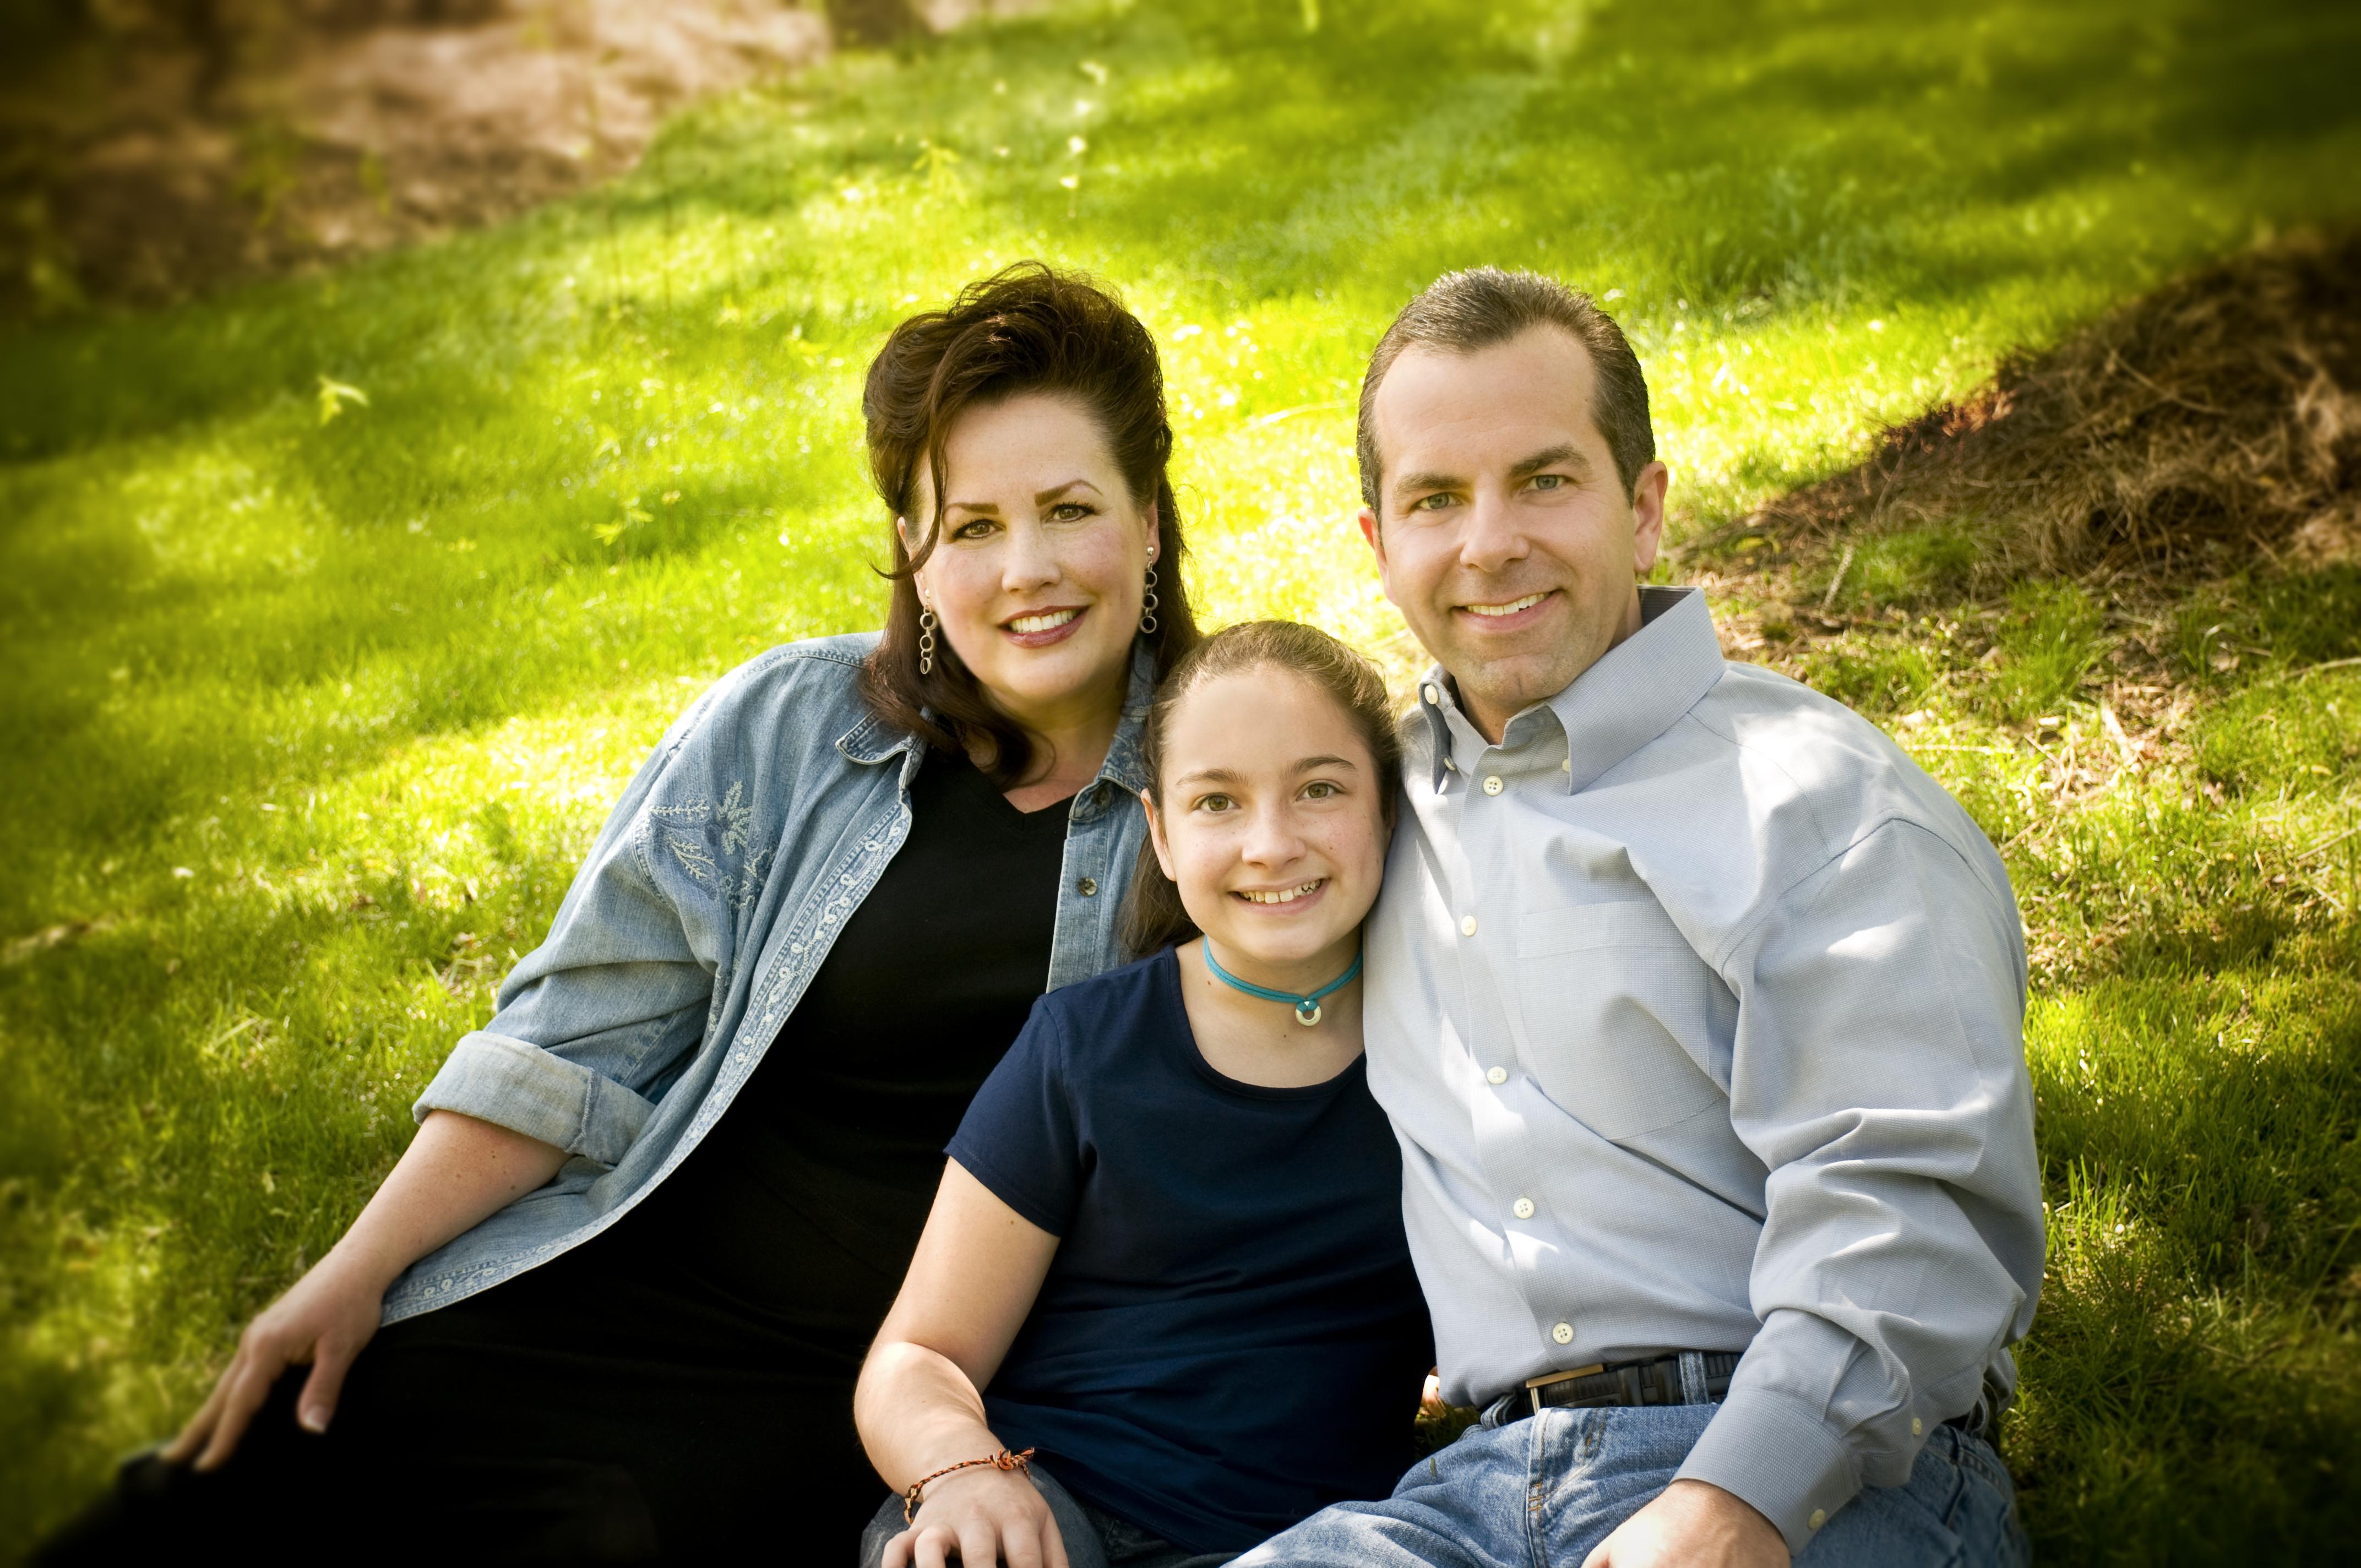 The Prichard Family